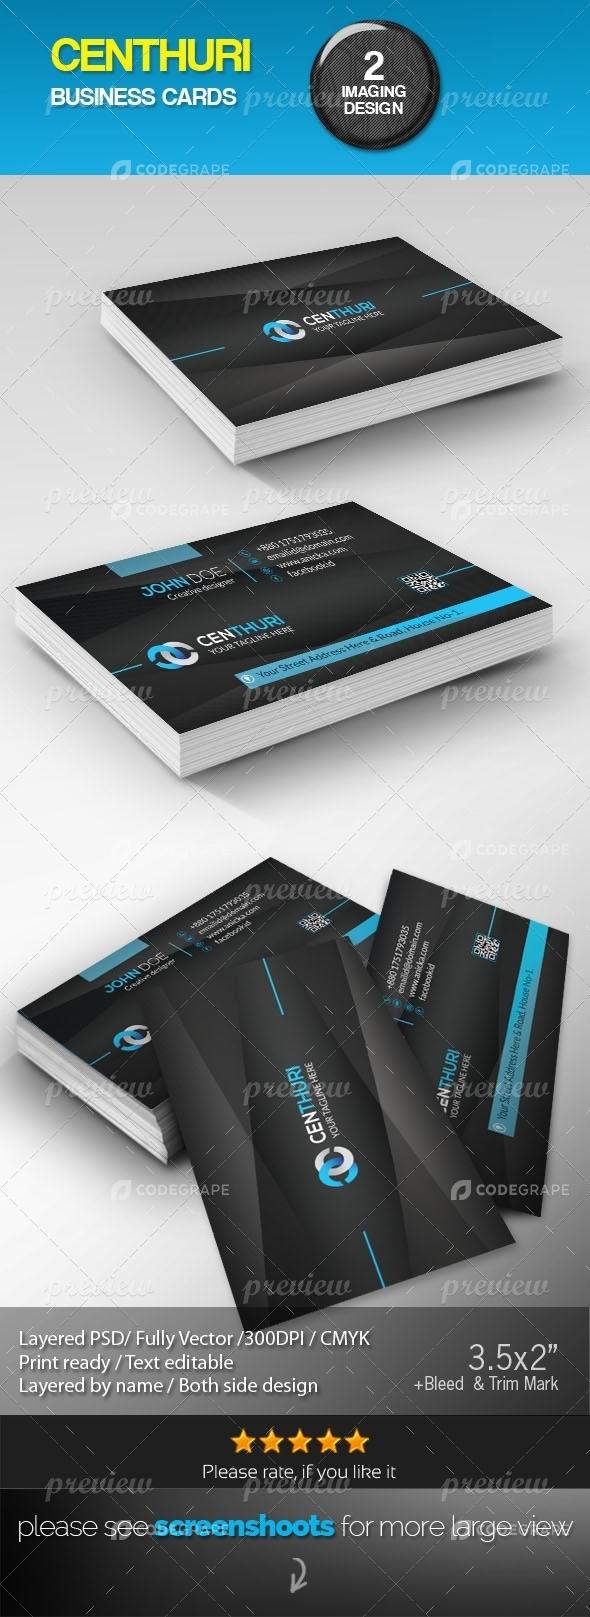 Centhuri Corporate  Business Card